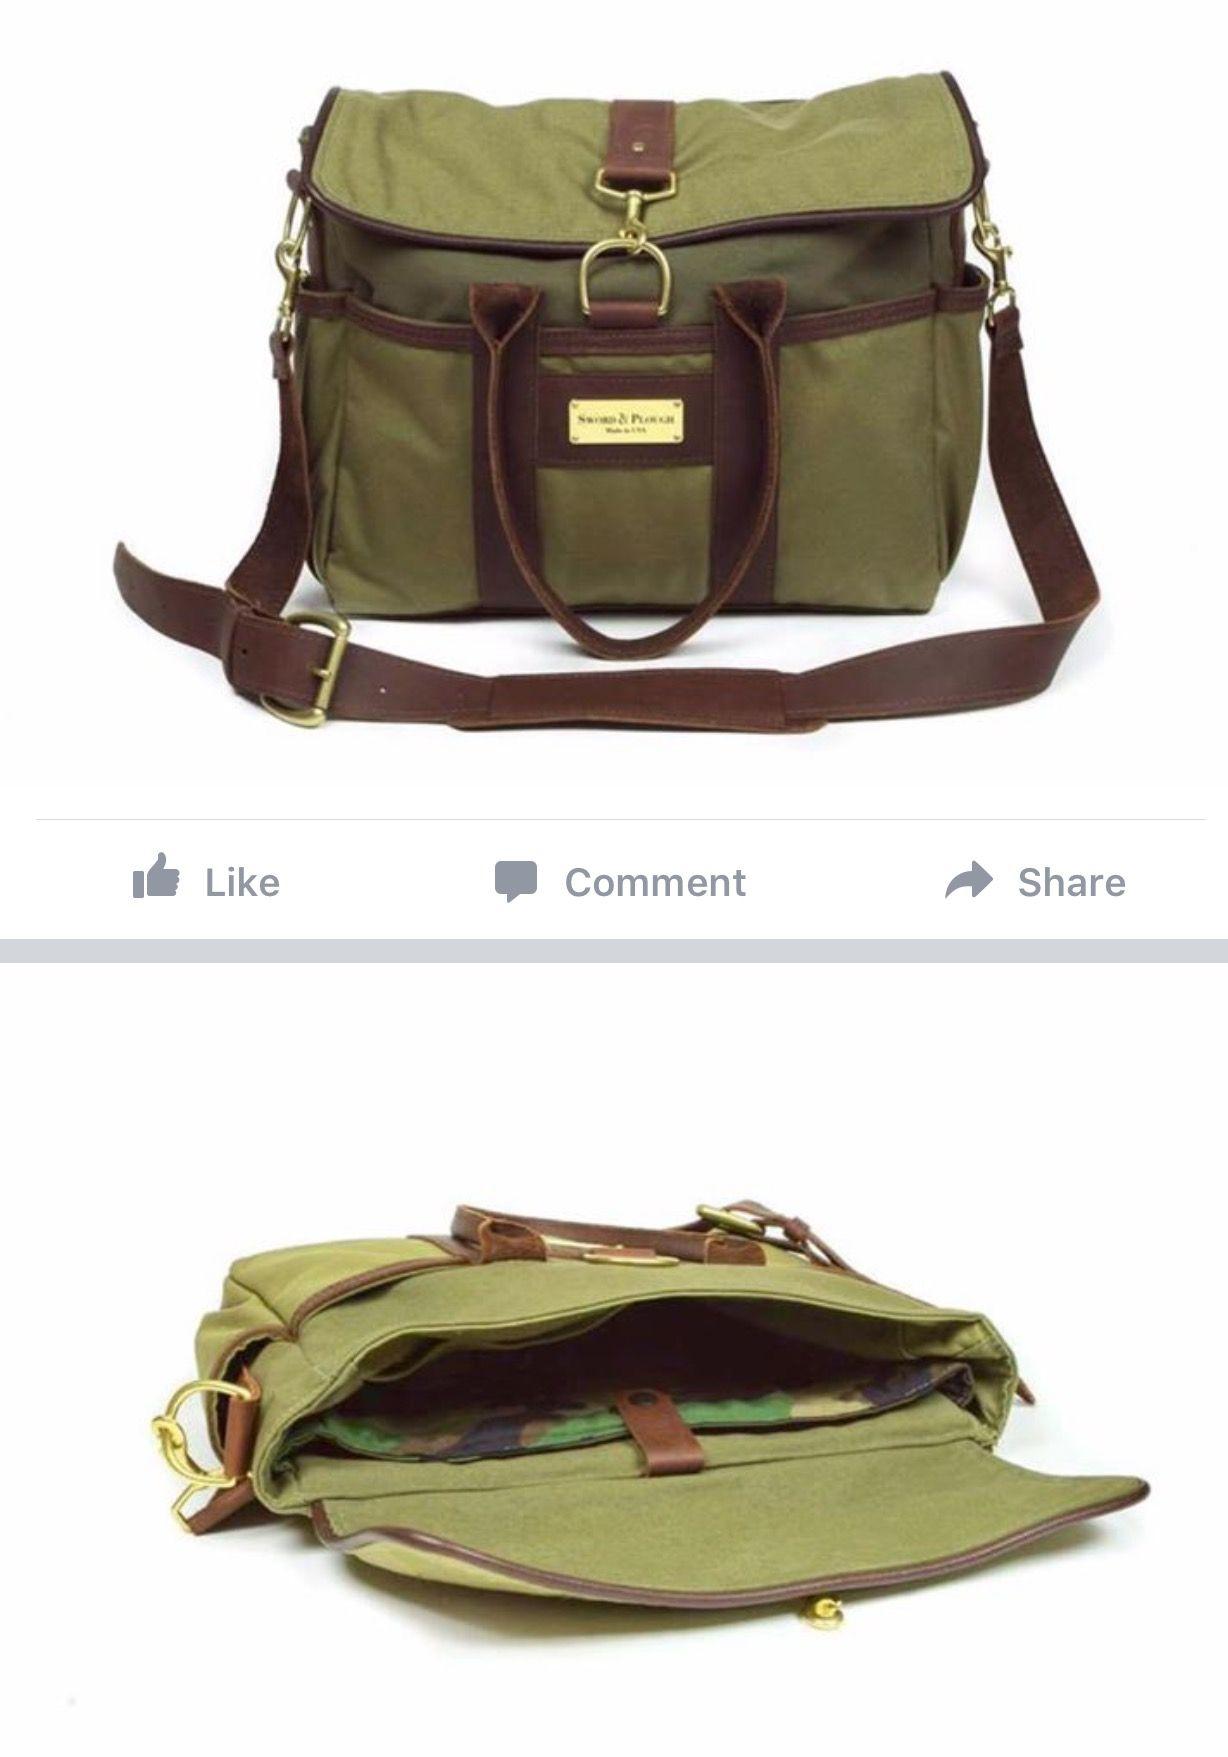 12311f4def363 Green Signature Messenger Bag - by SWORD  amp  PLOUGH Repurposed Military  Surplus